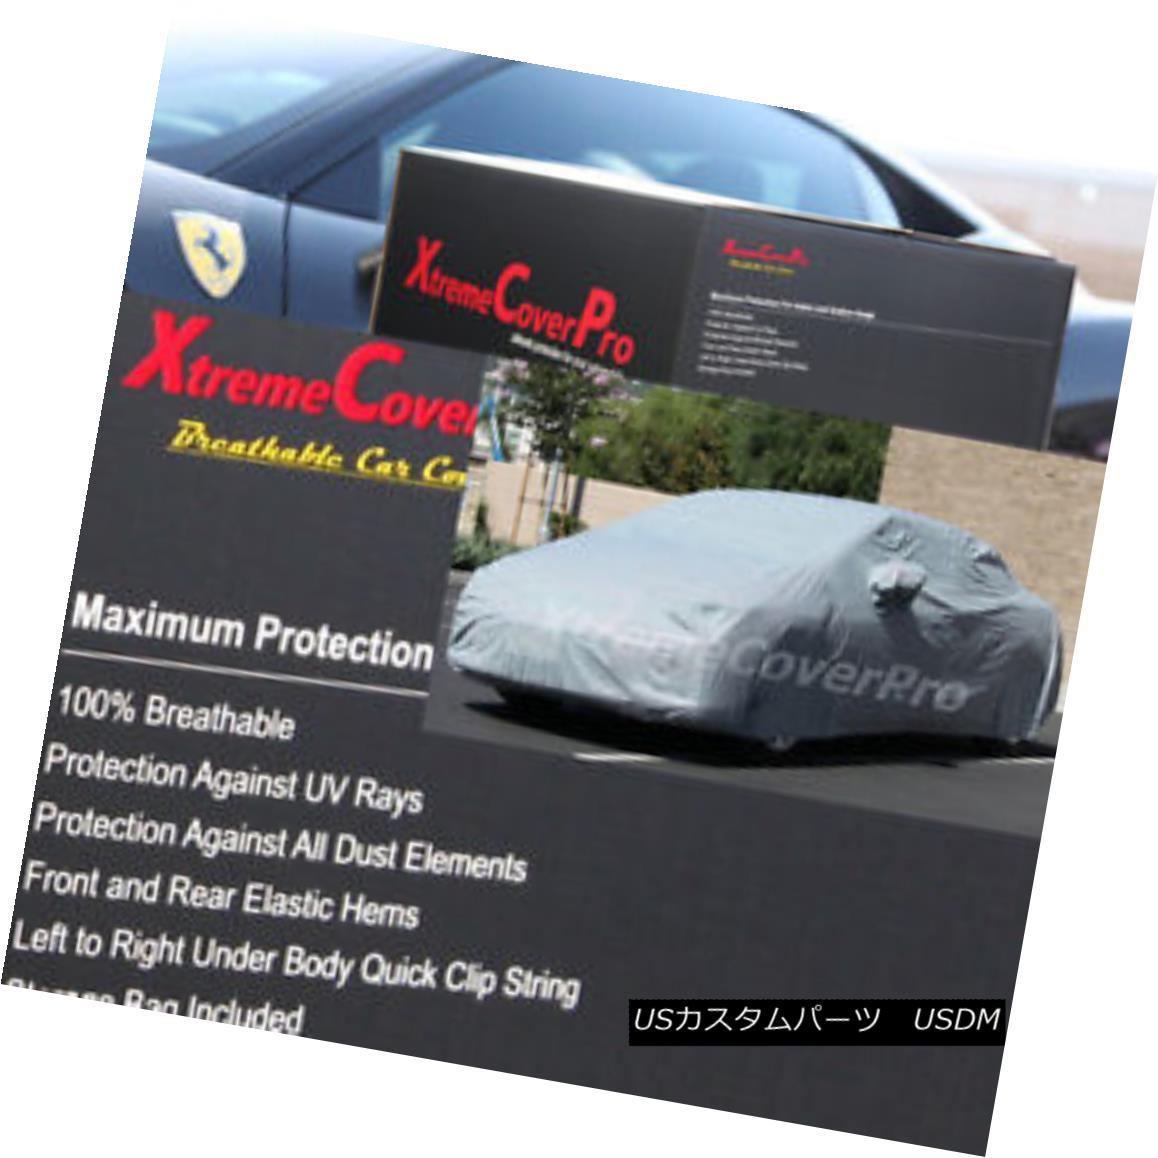 カーカバー 1994 1995 Subaru Impreza STI w/STI spioler Breathable Car Cover w/MirrorPocket 1994 1995スバルインプレッサSTI / STIスポイラー通気性車カバー/ミラーポケット